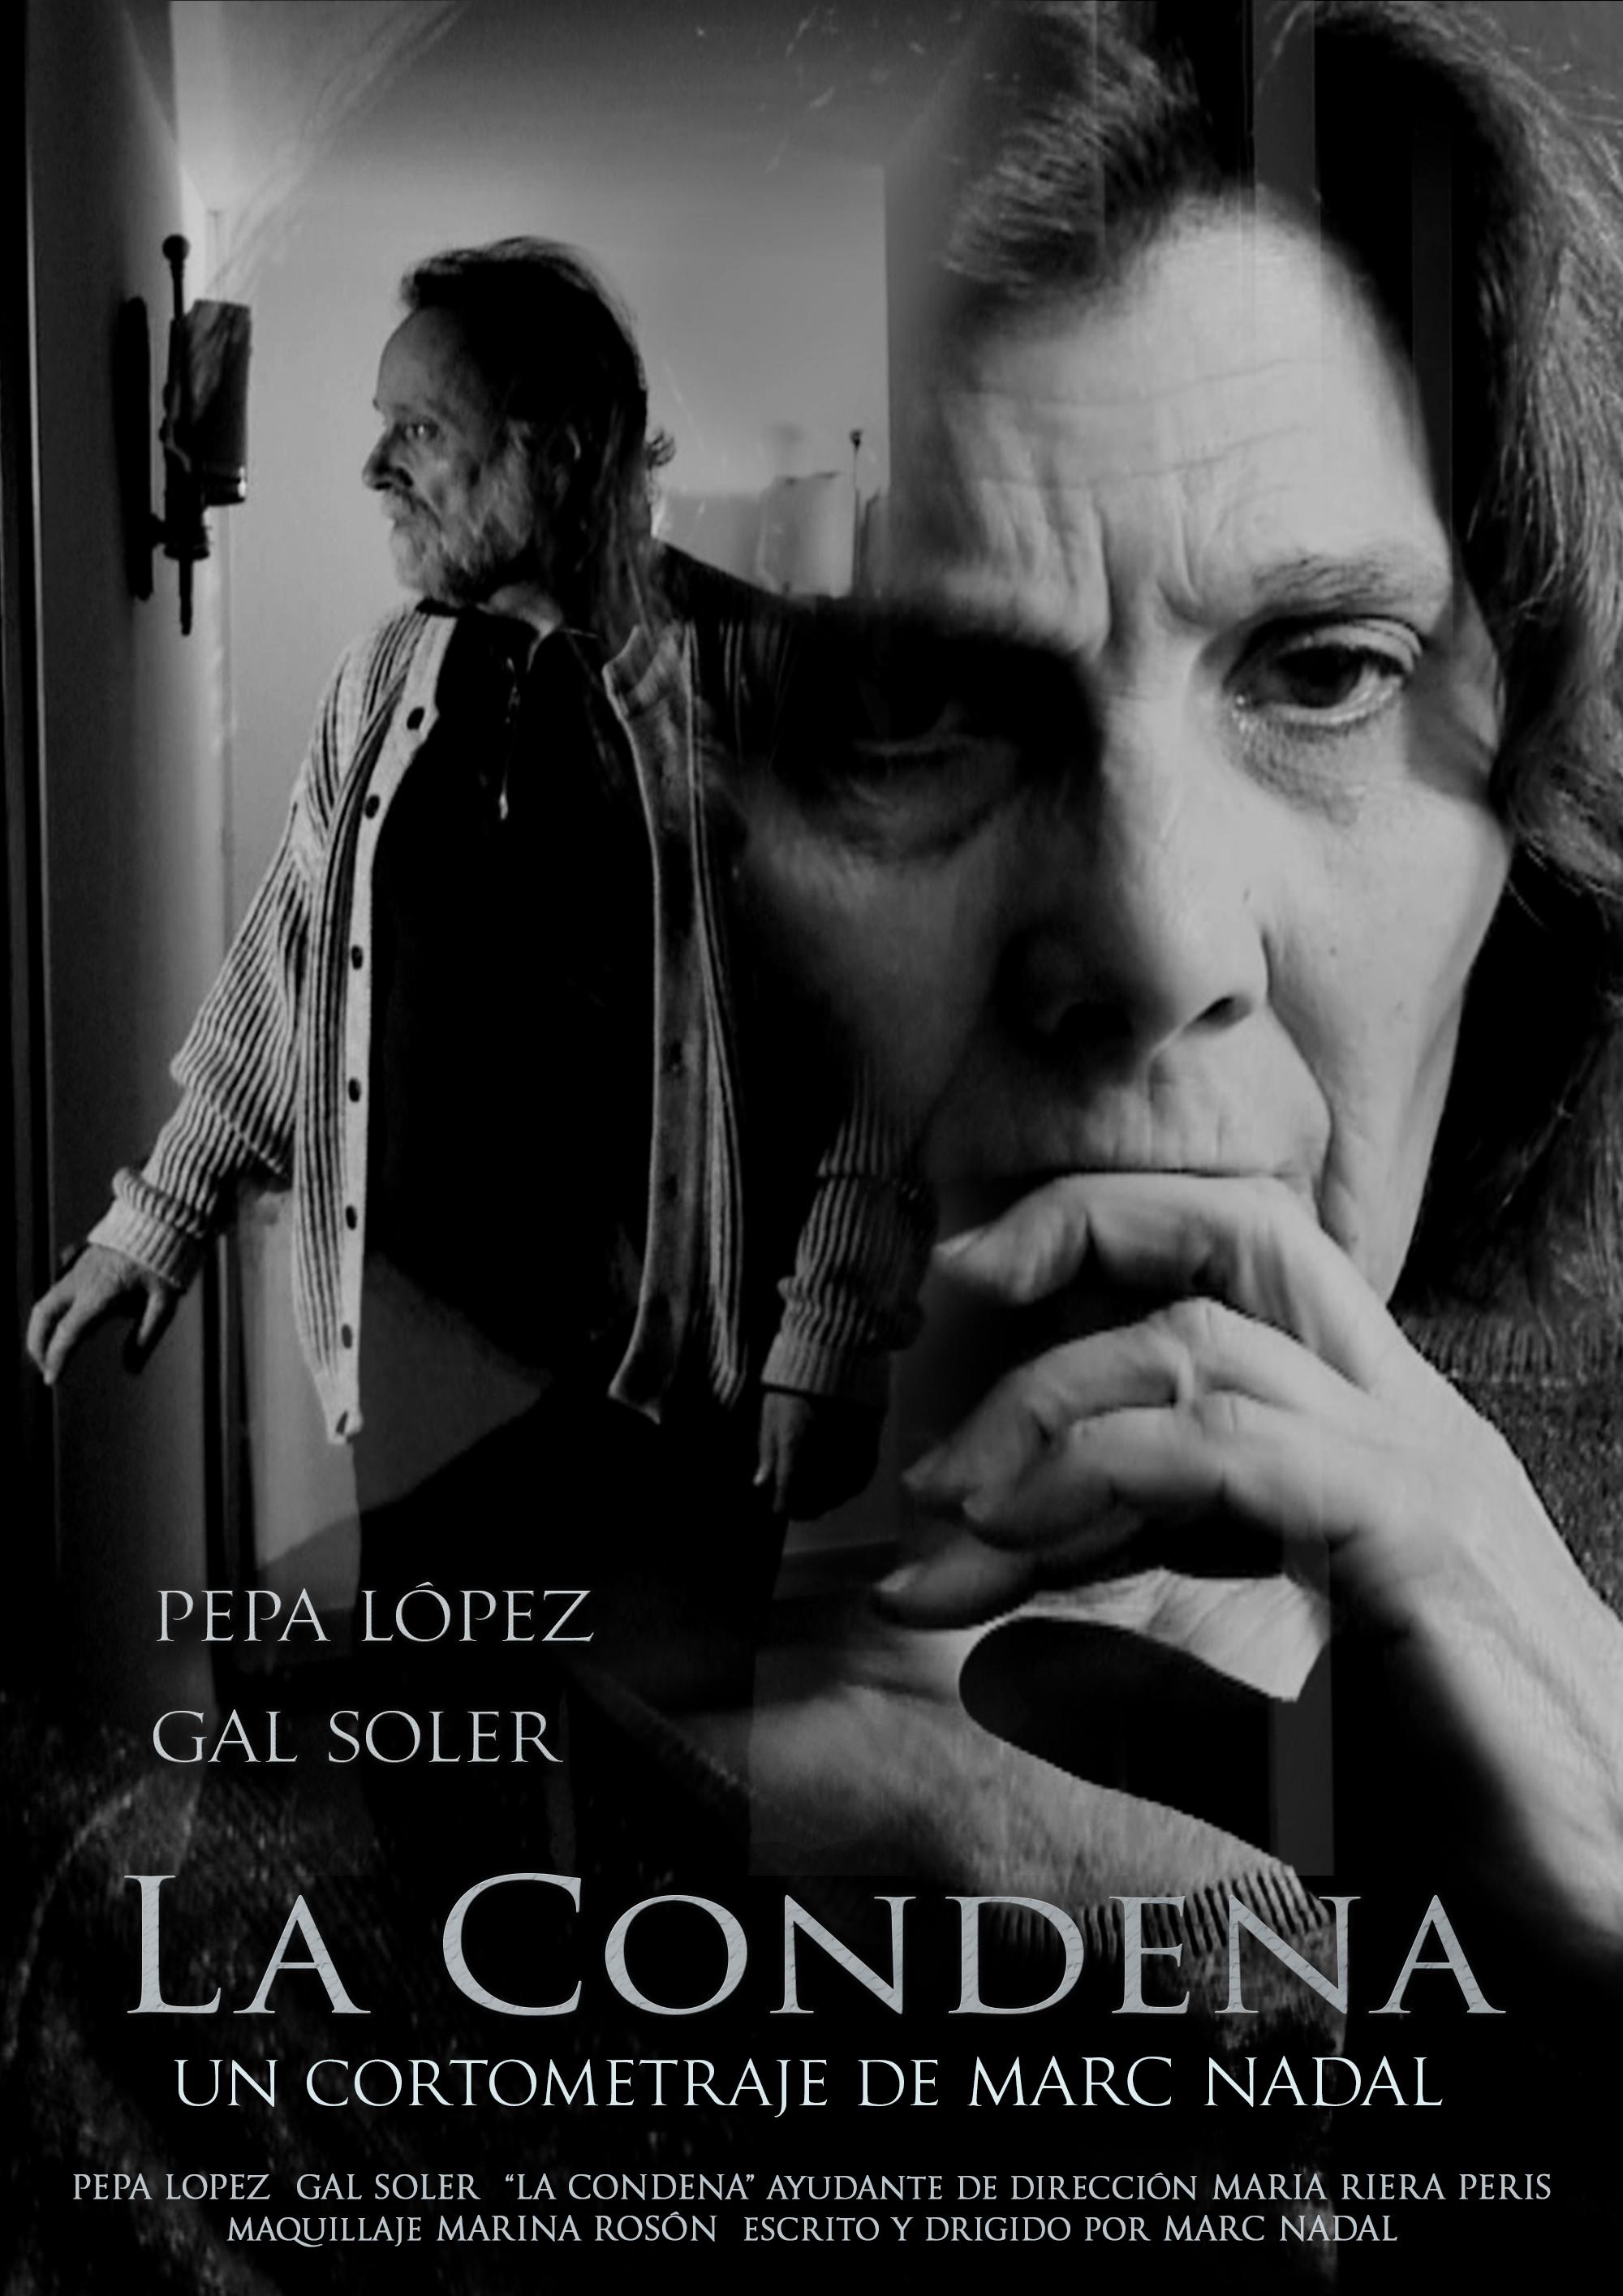 La condena La condanna cortometraggio scritto e diretto da Marc Nadal